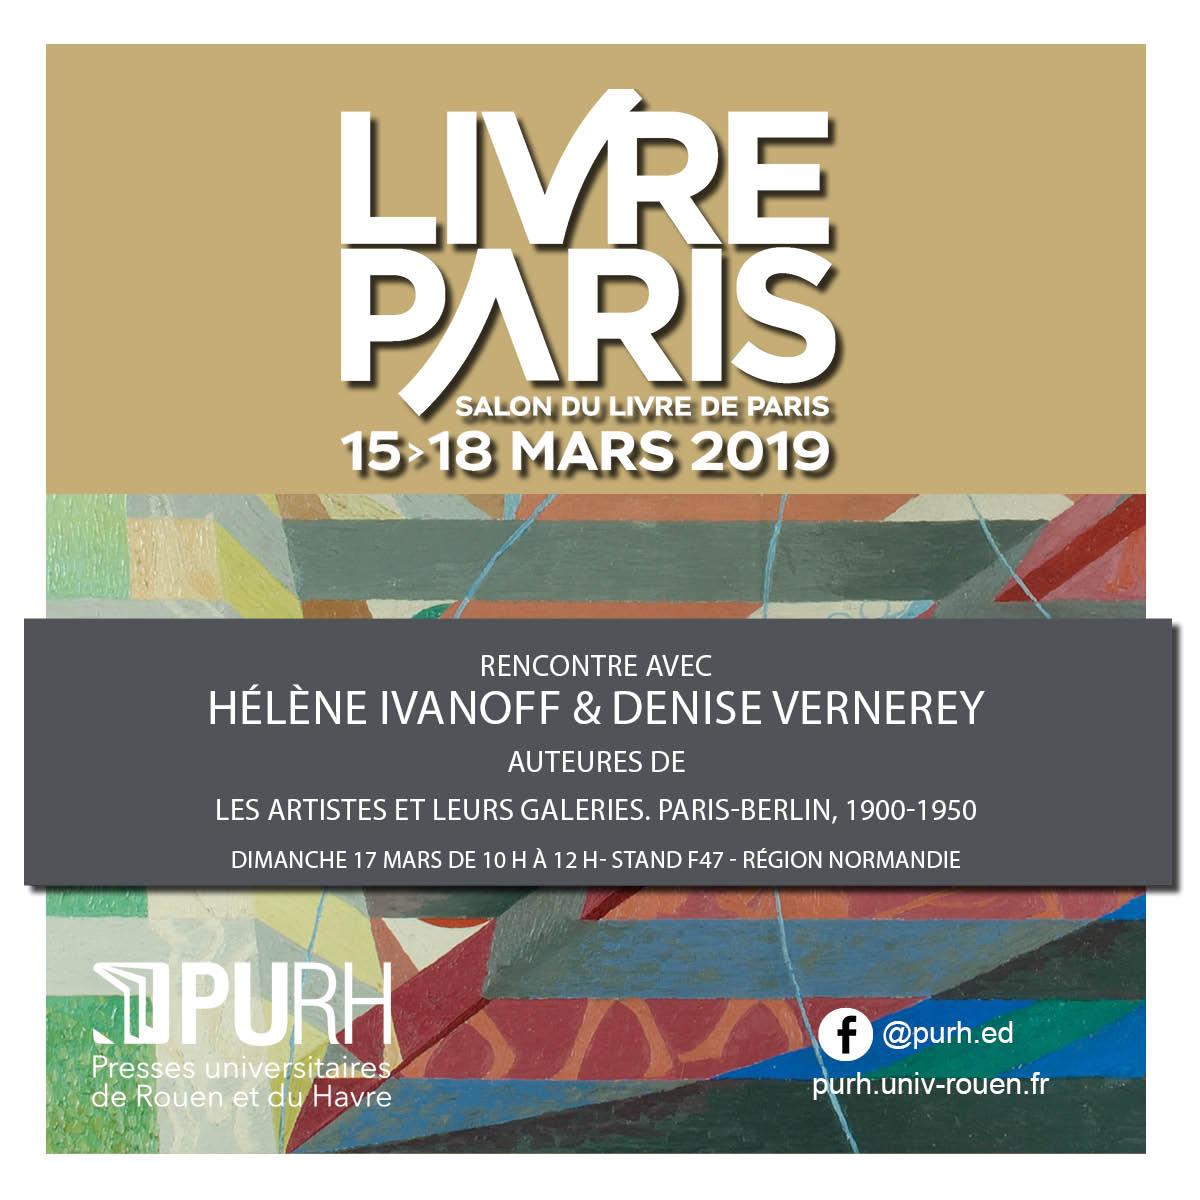 PURH - Presses universitaires de Rouen et du Havre's photo on #salondulivre